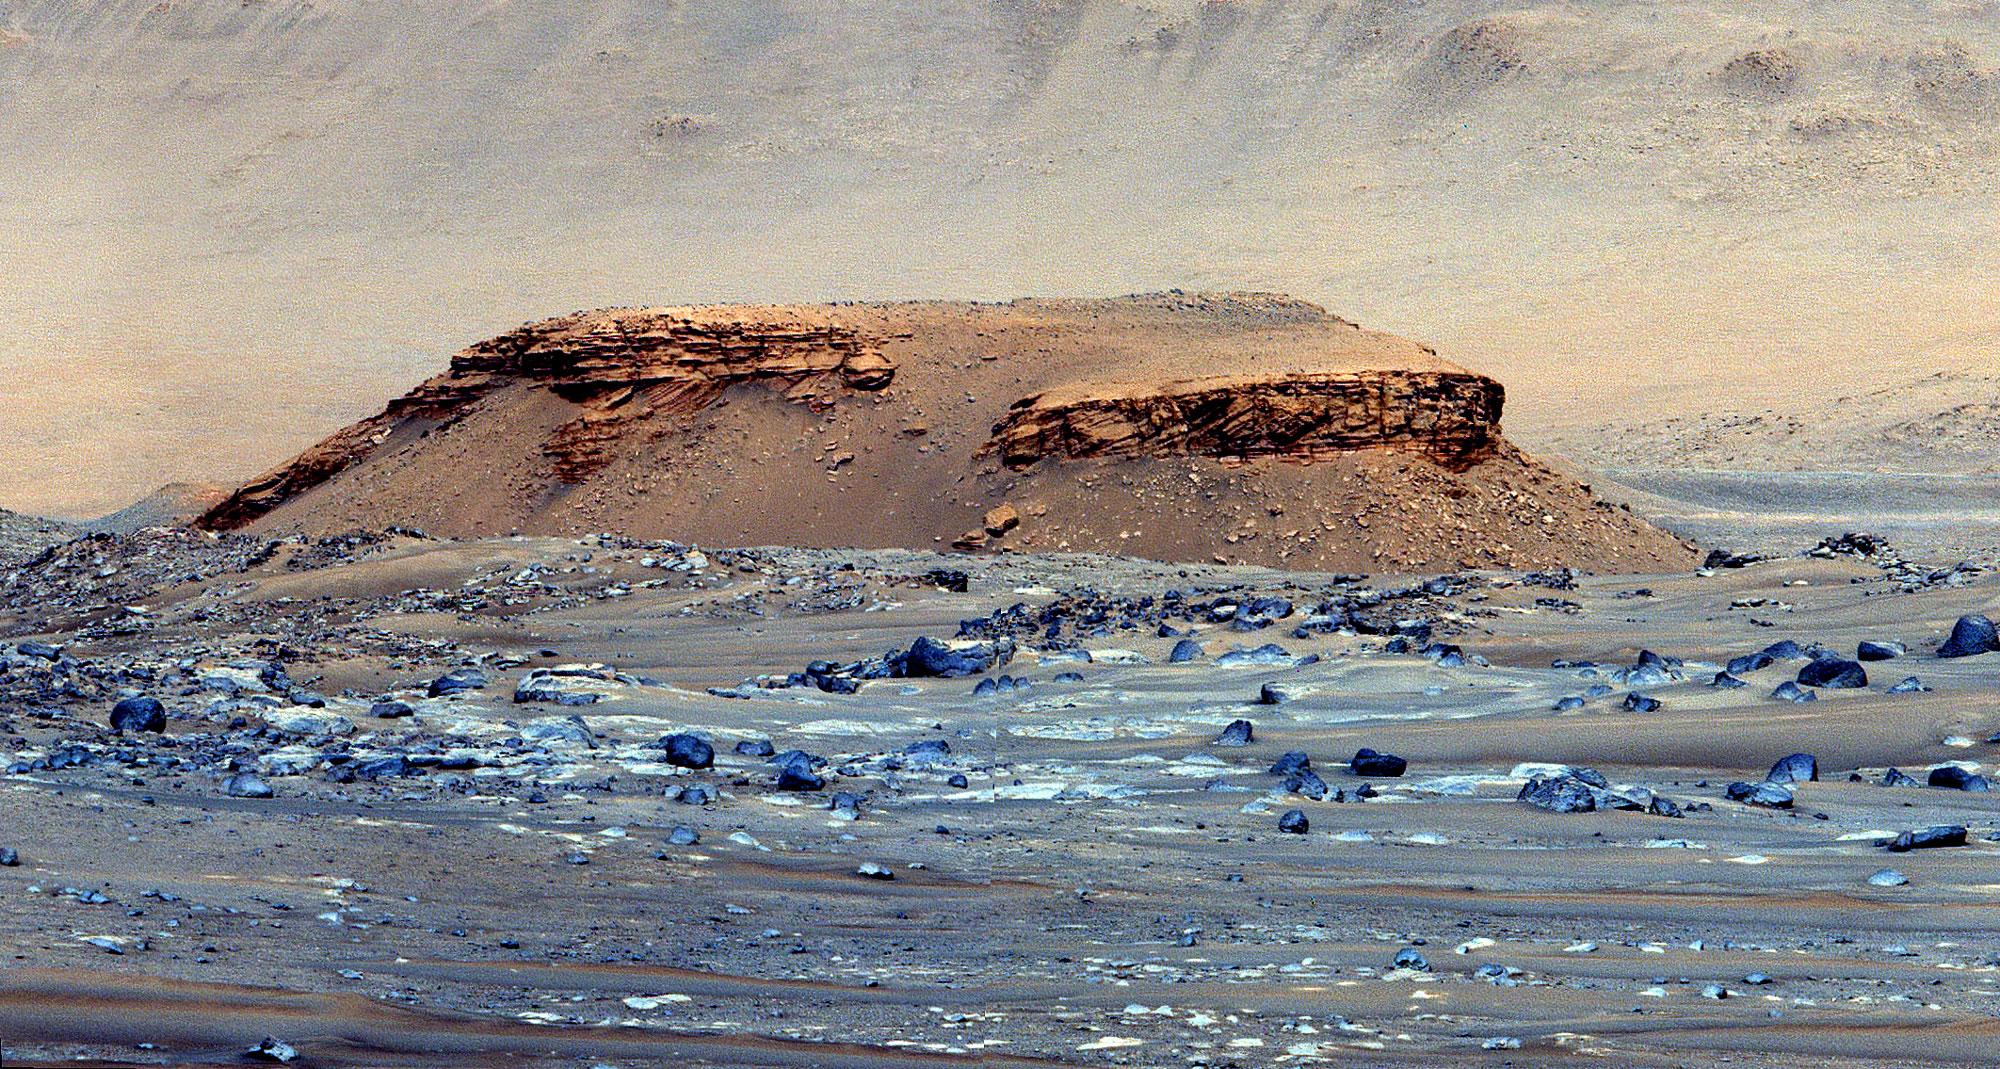 Lanskap kasar dengan bukit datar besar muncul dari tengah